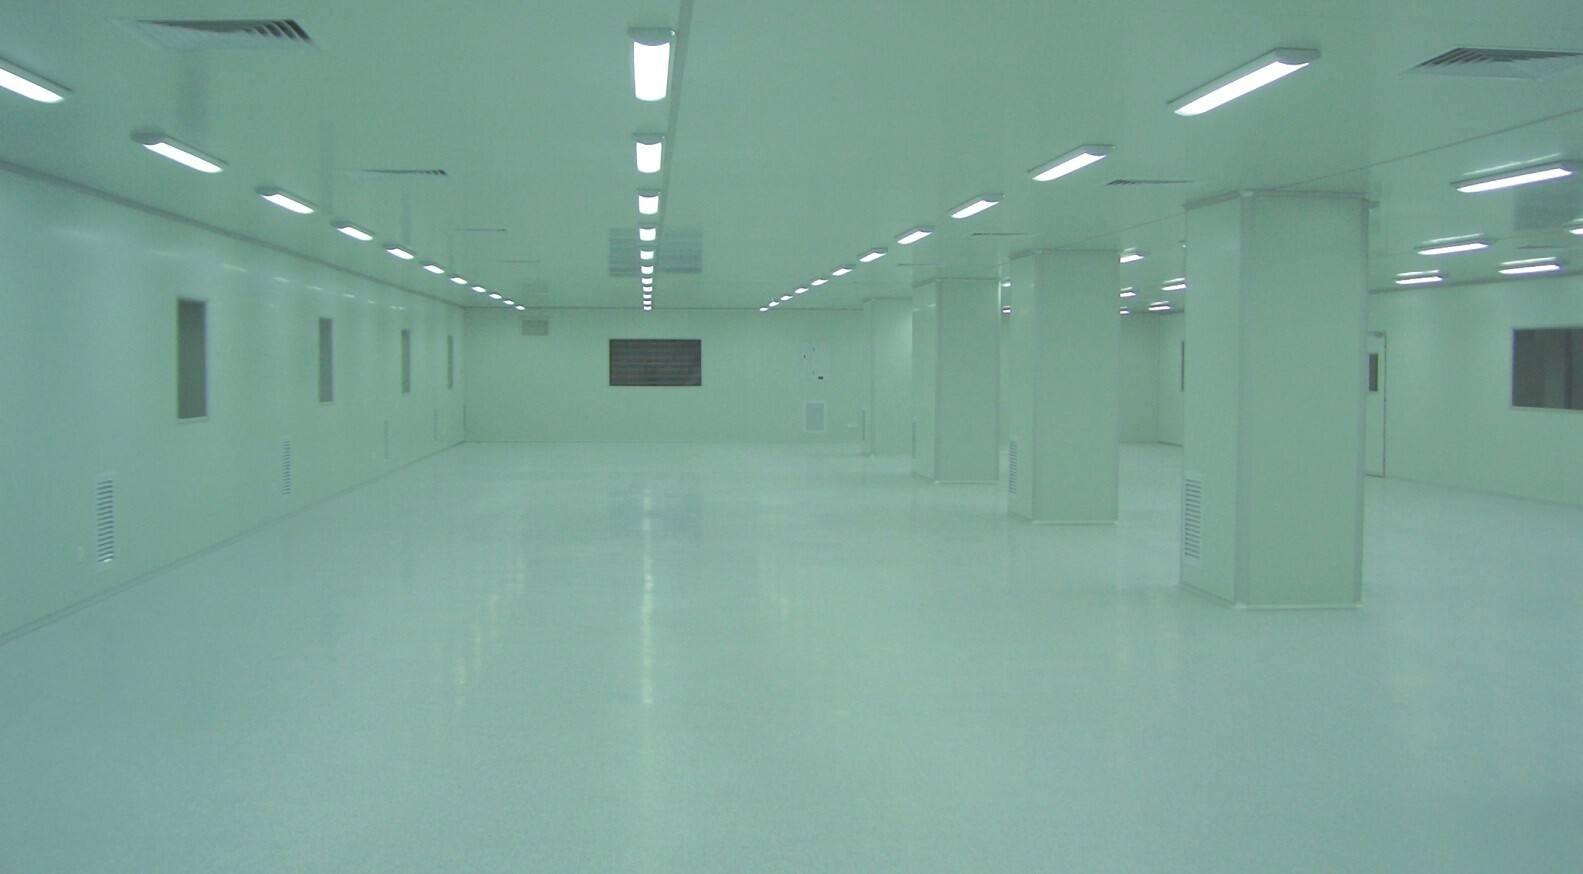 微电子与工程_富士康无尘室机电安装工程——美克威尔无尘室工程案例